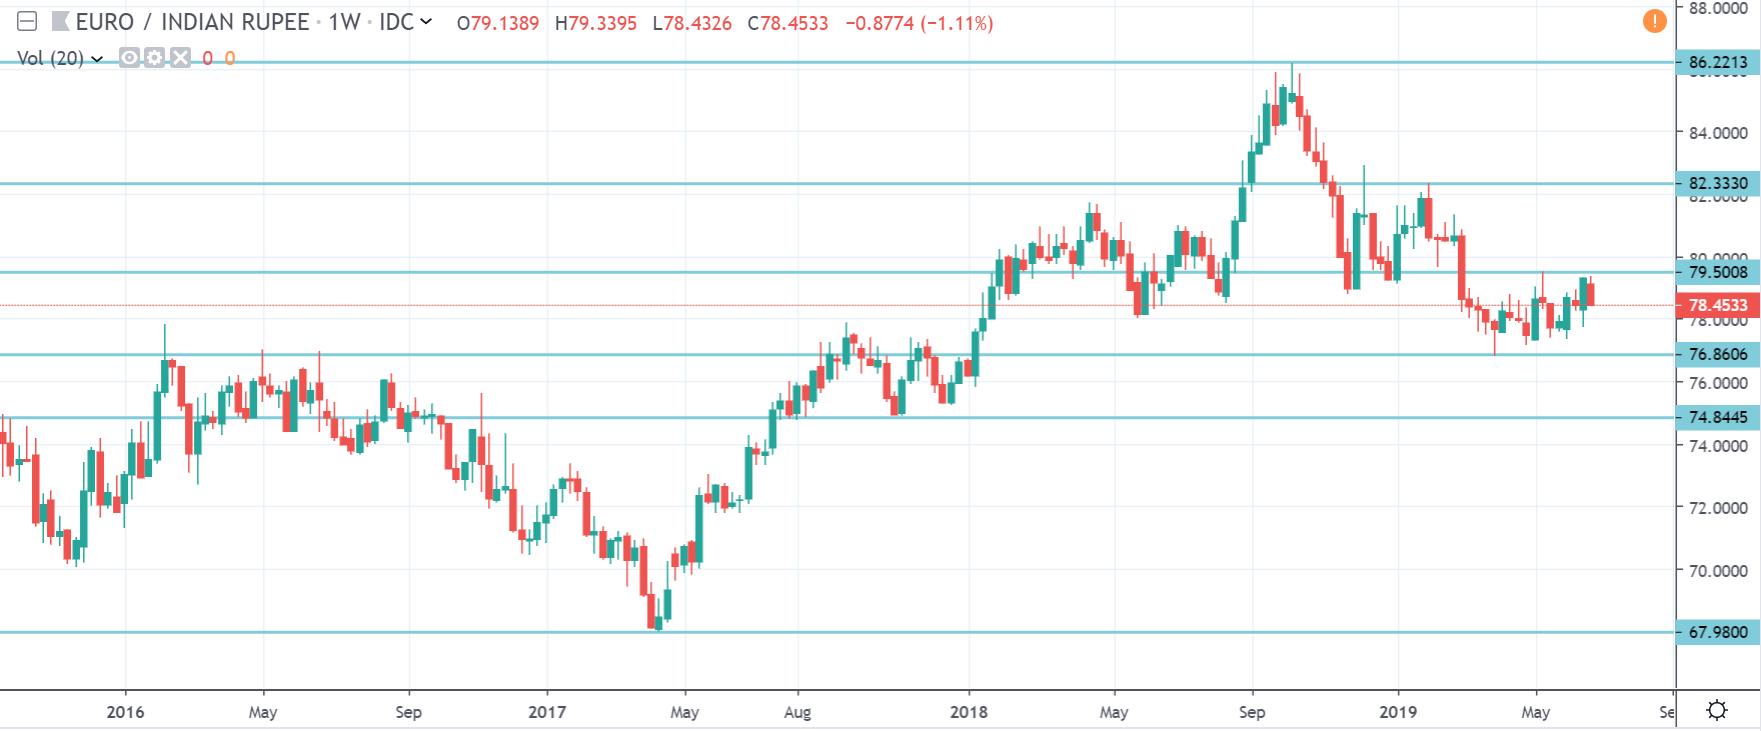 Kurs euro do rupii w czwartek na interwale dziennym 27 6 19